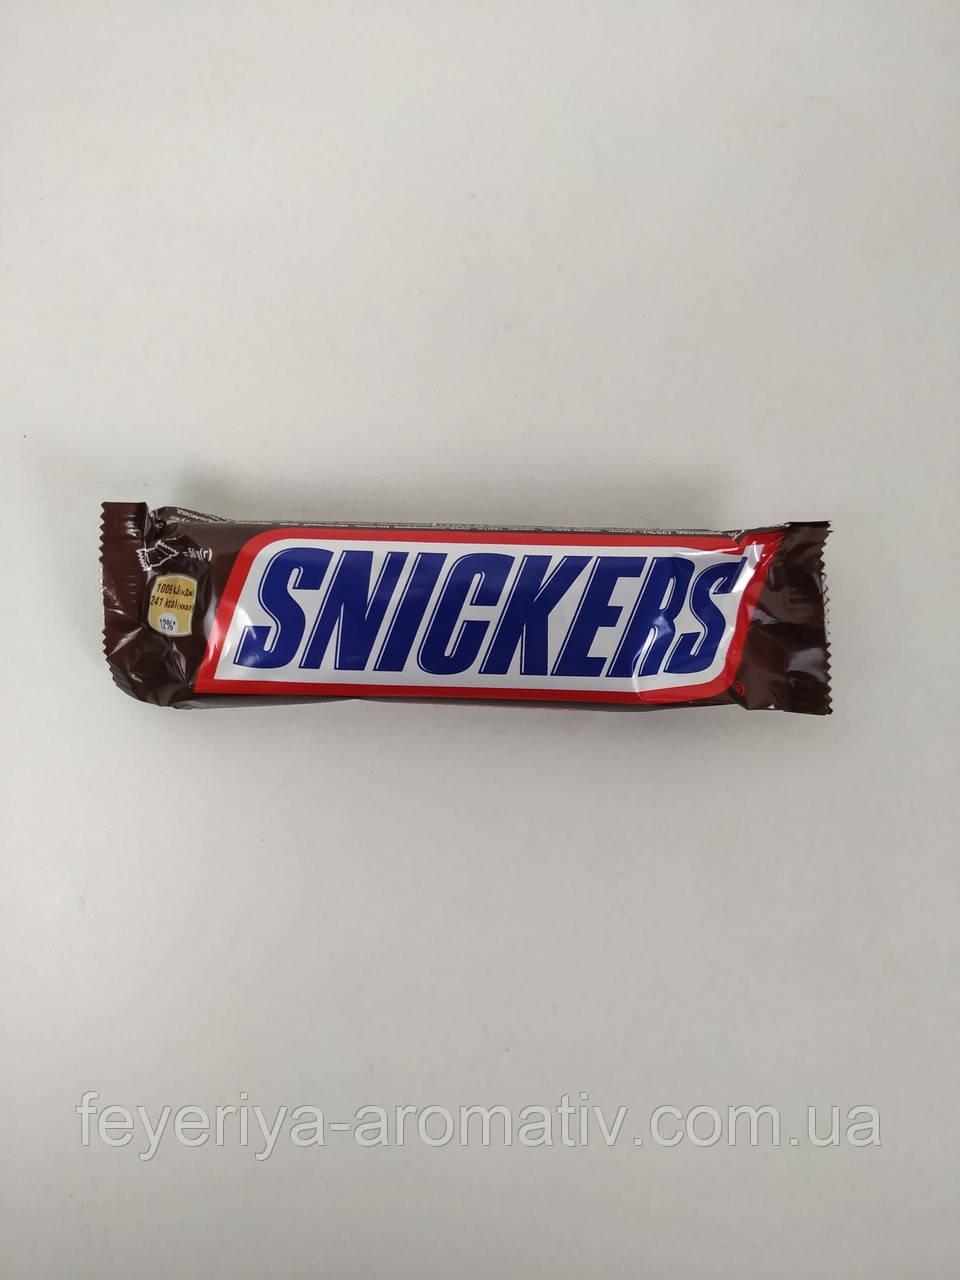 Шоколадный батончик Snickers 50гр. (Польша)